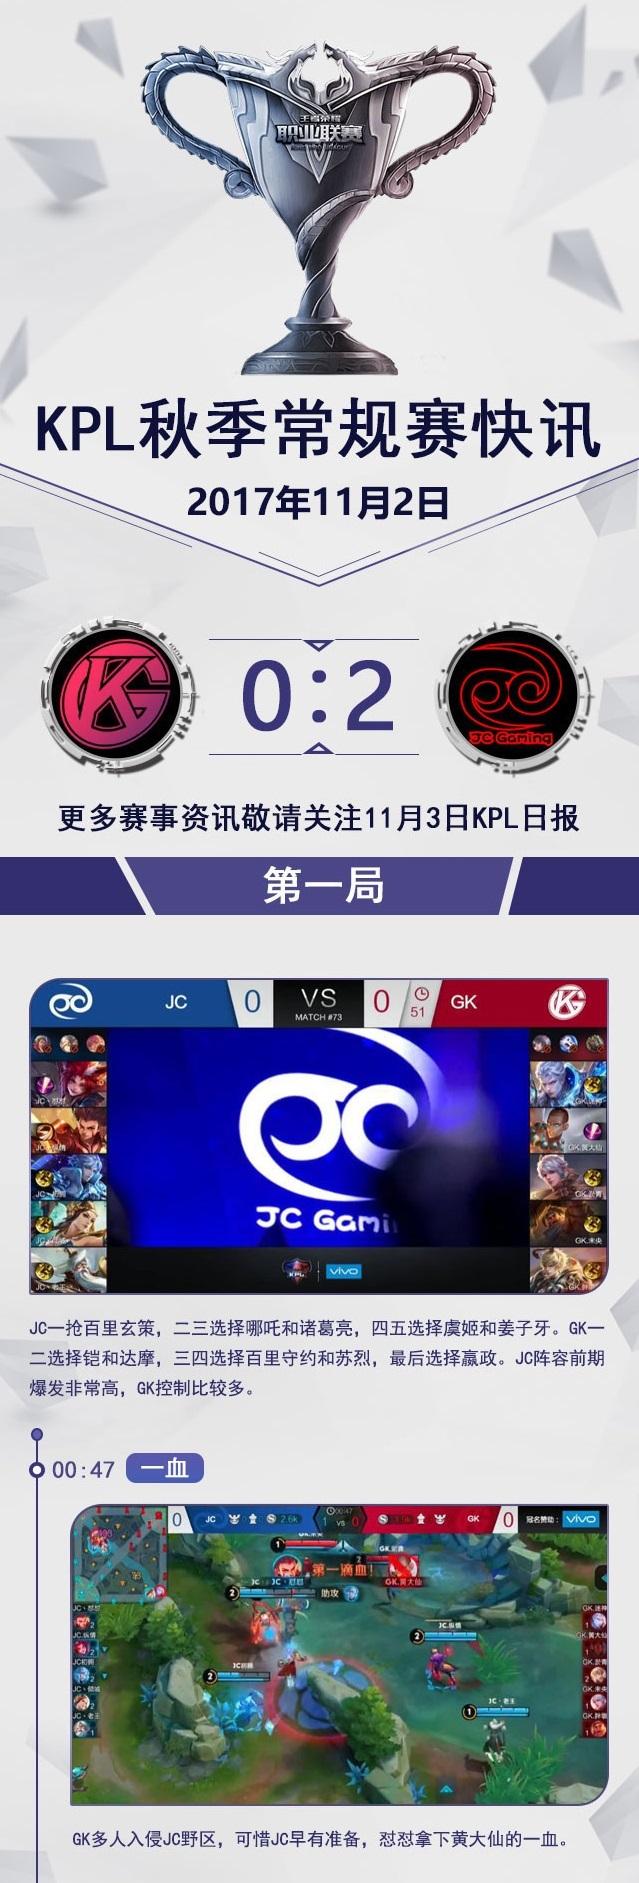 快讯:GK新版本新套路依旧难取胜,JC寸步不让2:0拿下比赛